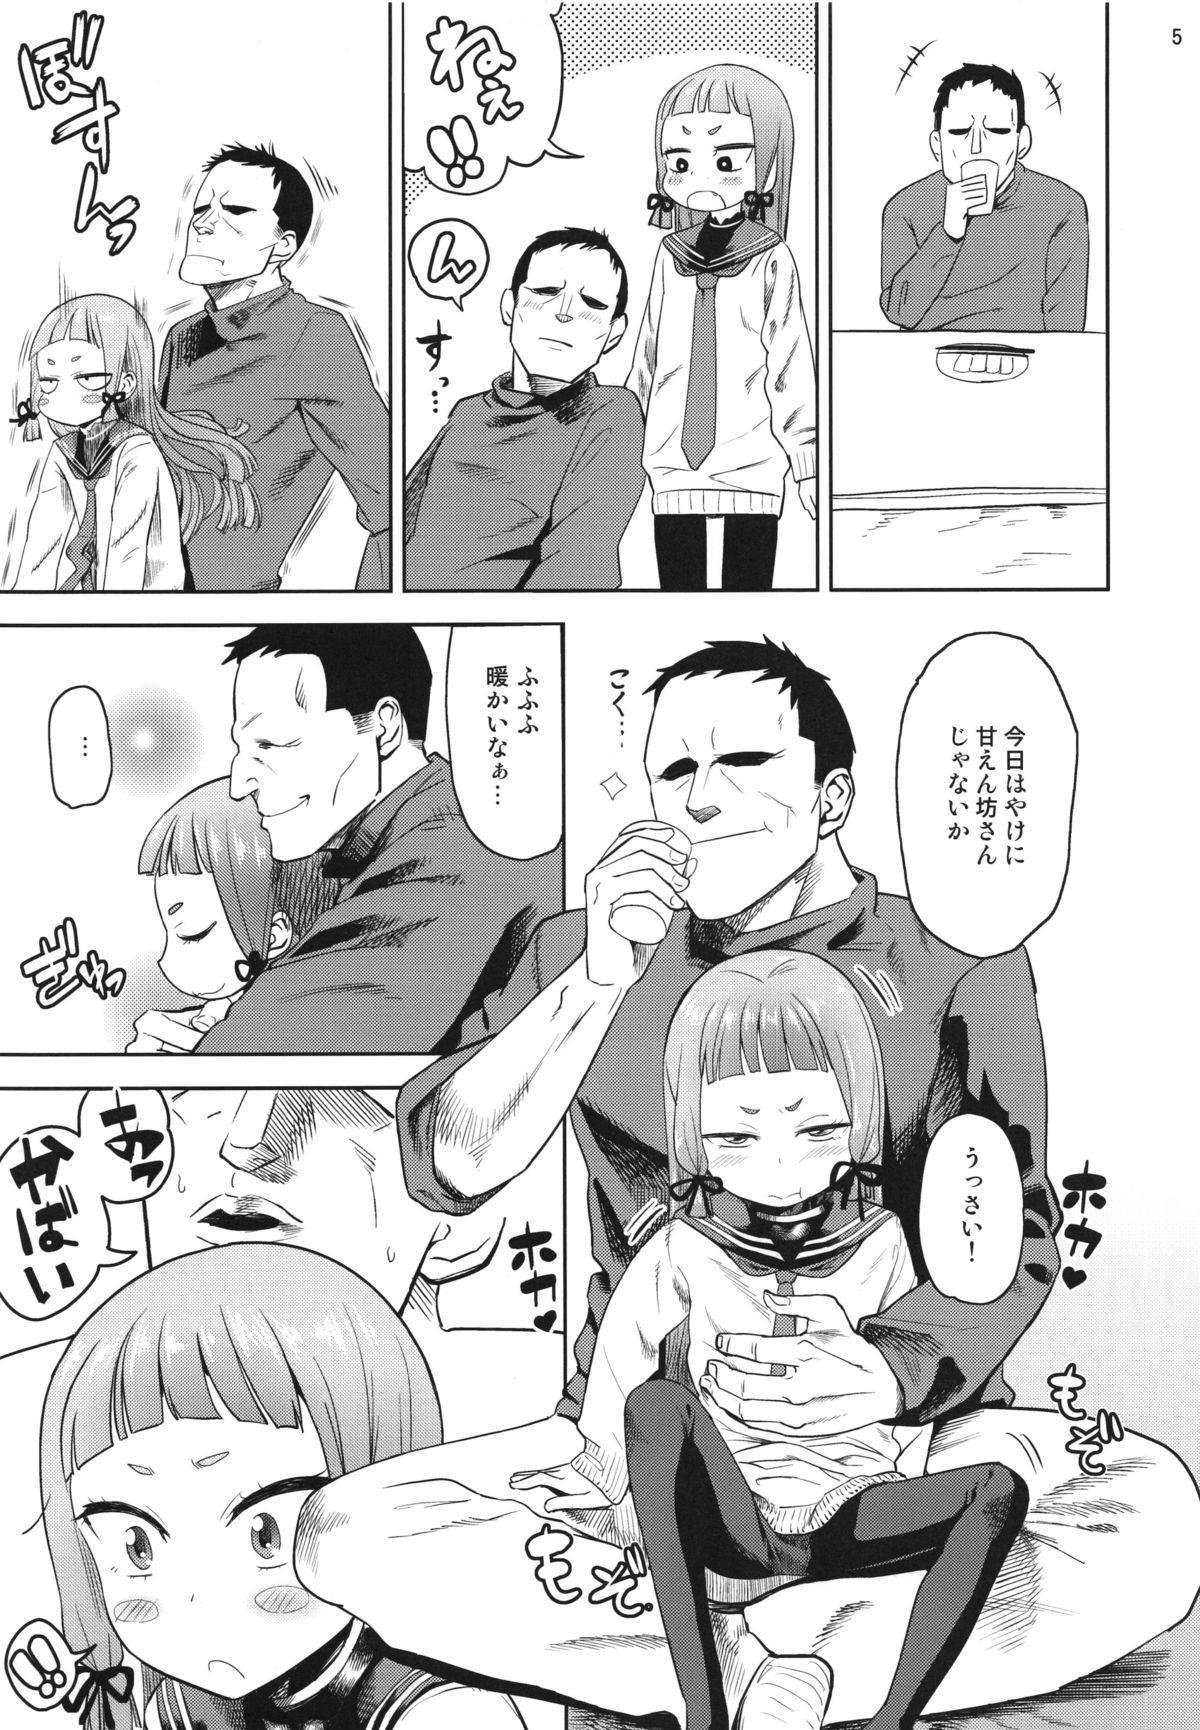 MuraMura! Fuyu 6